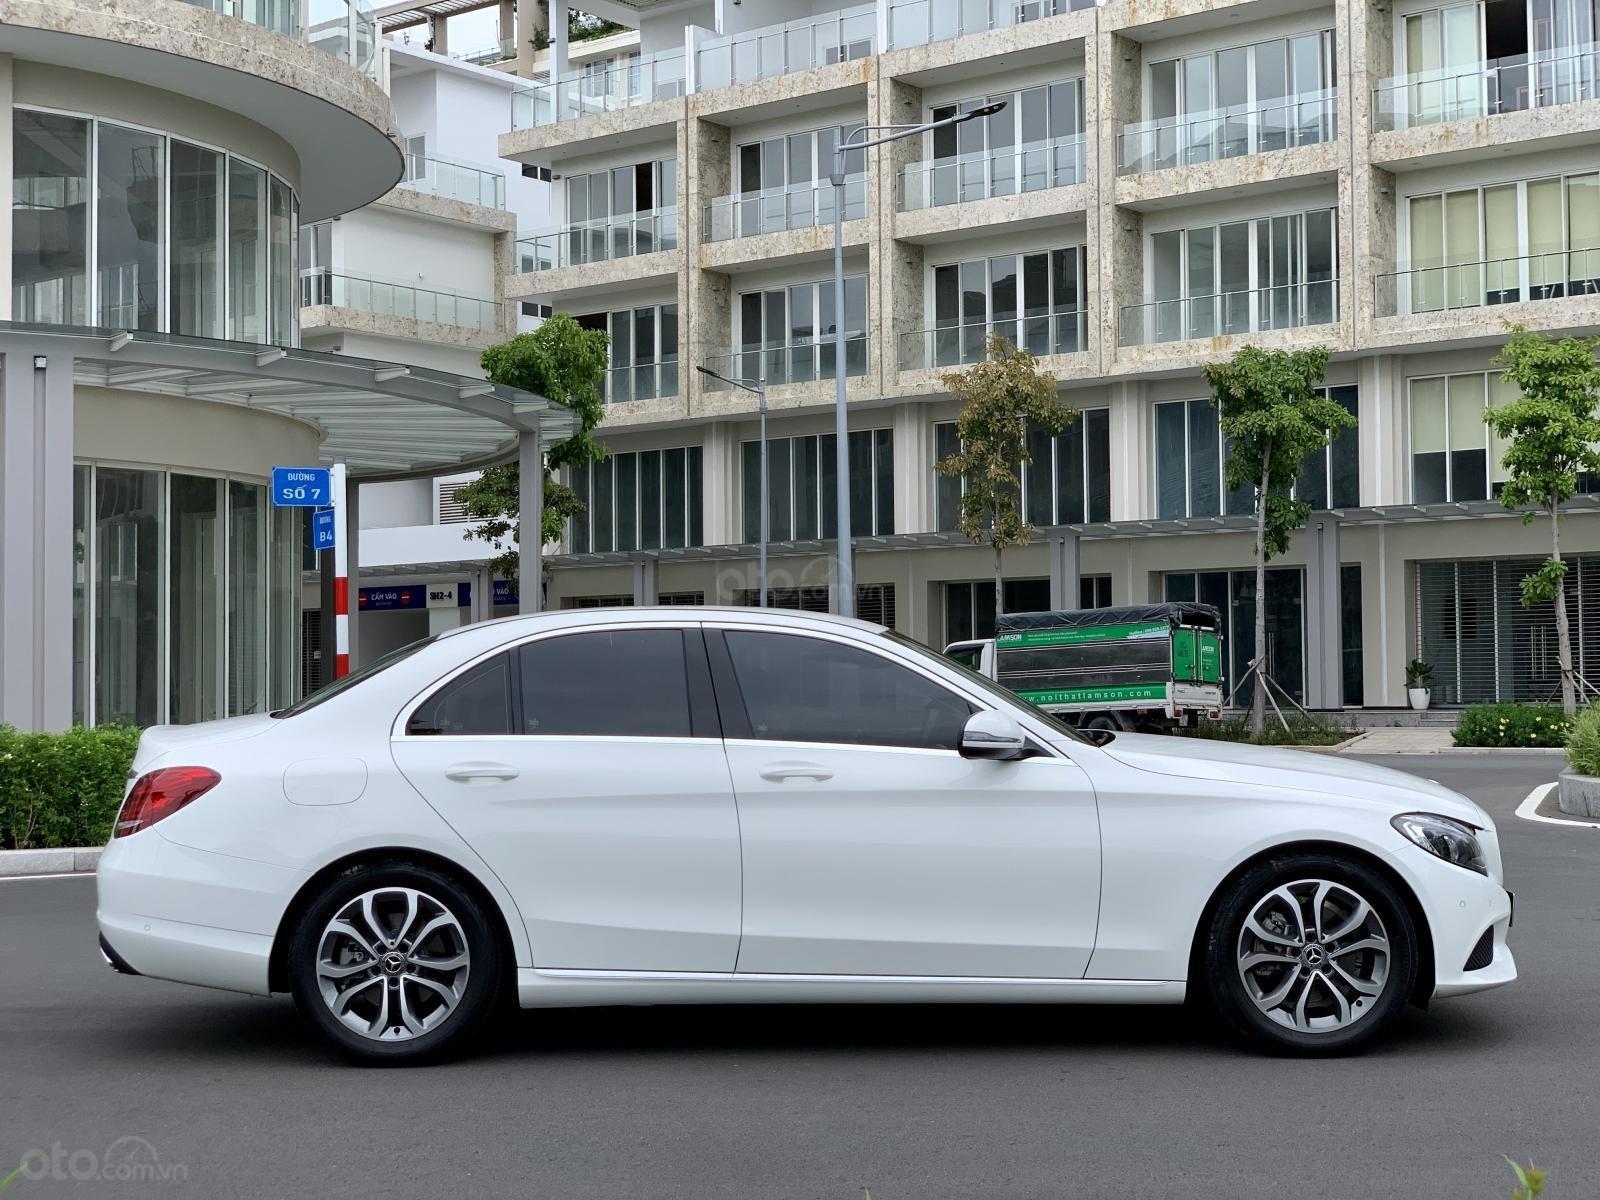 Cần bán Mercedes C200 2018, màu trắng /kem hộp số 9 cấp, loa bumaster-2